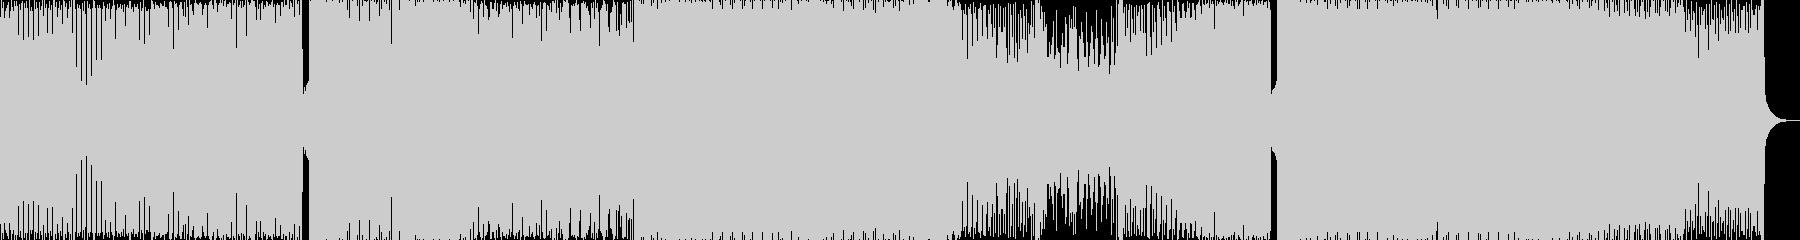 デチューンドハウスと部族の音。の未再生の波形